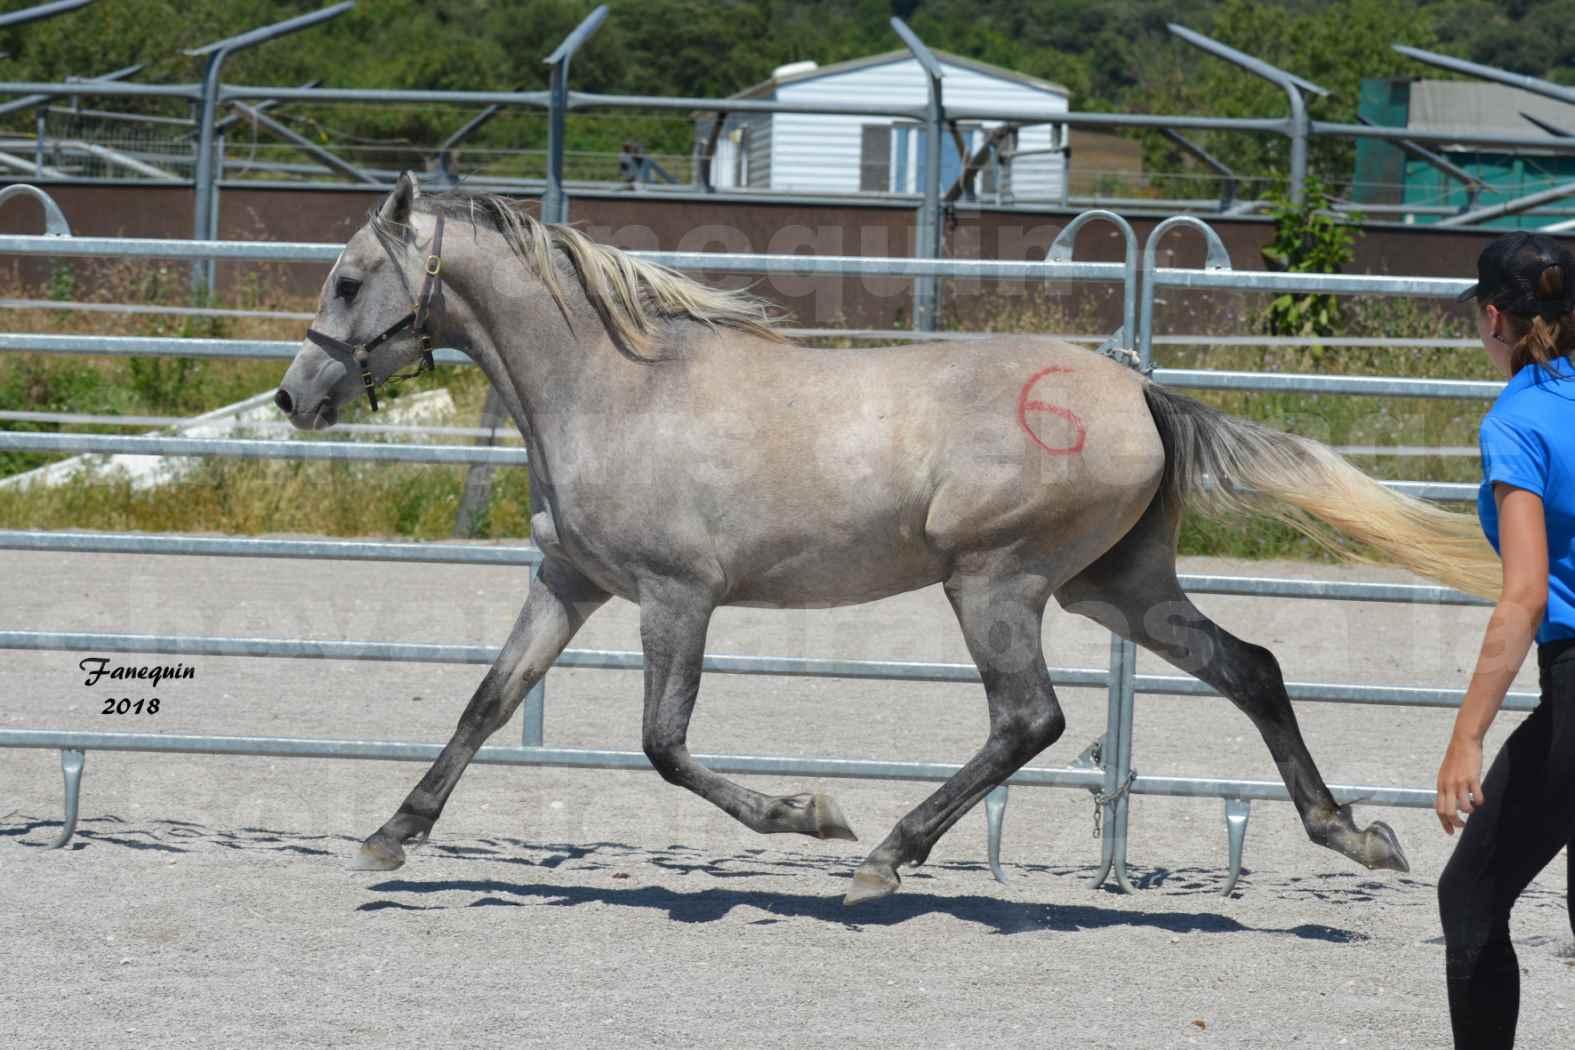 Concours d'Elevage de chevaux Arabes  le 27 juin 2018 à la BOISSIERE - GAZAK D'AURIERES - 05